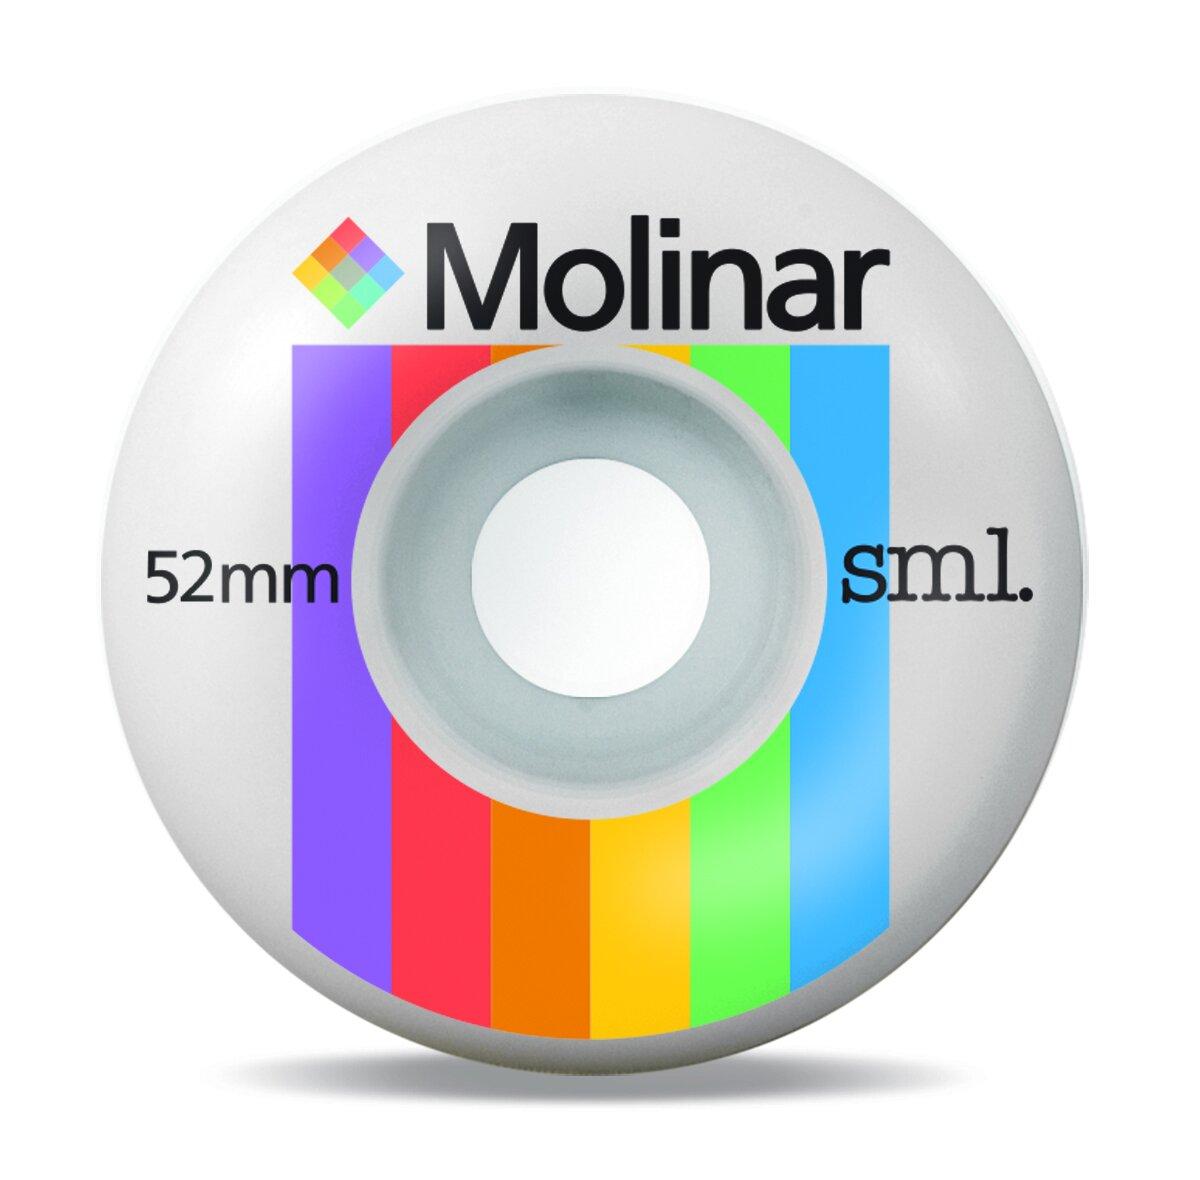 """画像1: SML WHEELS """"CLASSIC RAIMOND MOLINAR"""" - 52mm OG Wide (1)"""